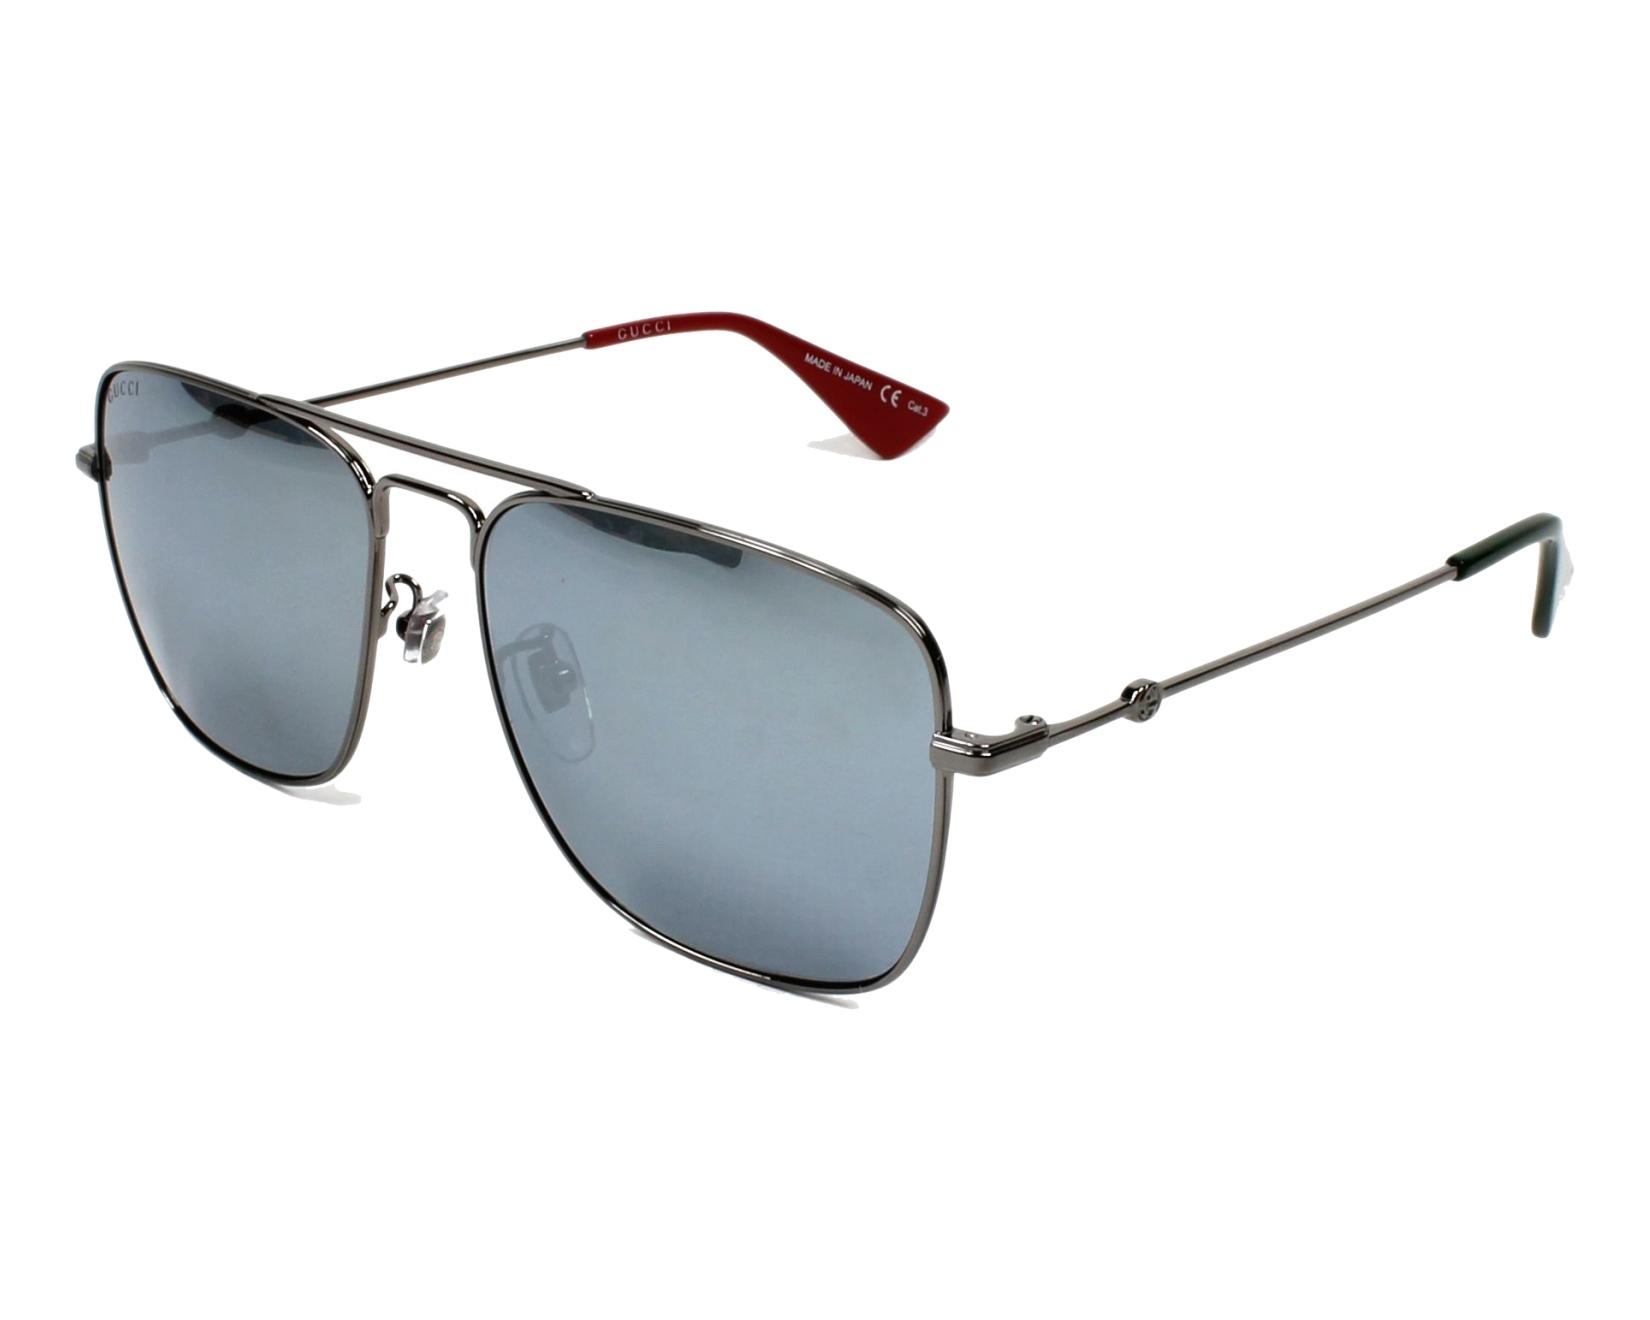 4b0ad3f06a5 Sunglasses Gucci GG-0108-S 005 55-16 Ruthenium profile view